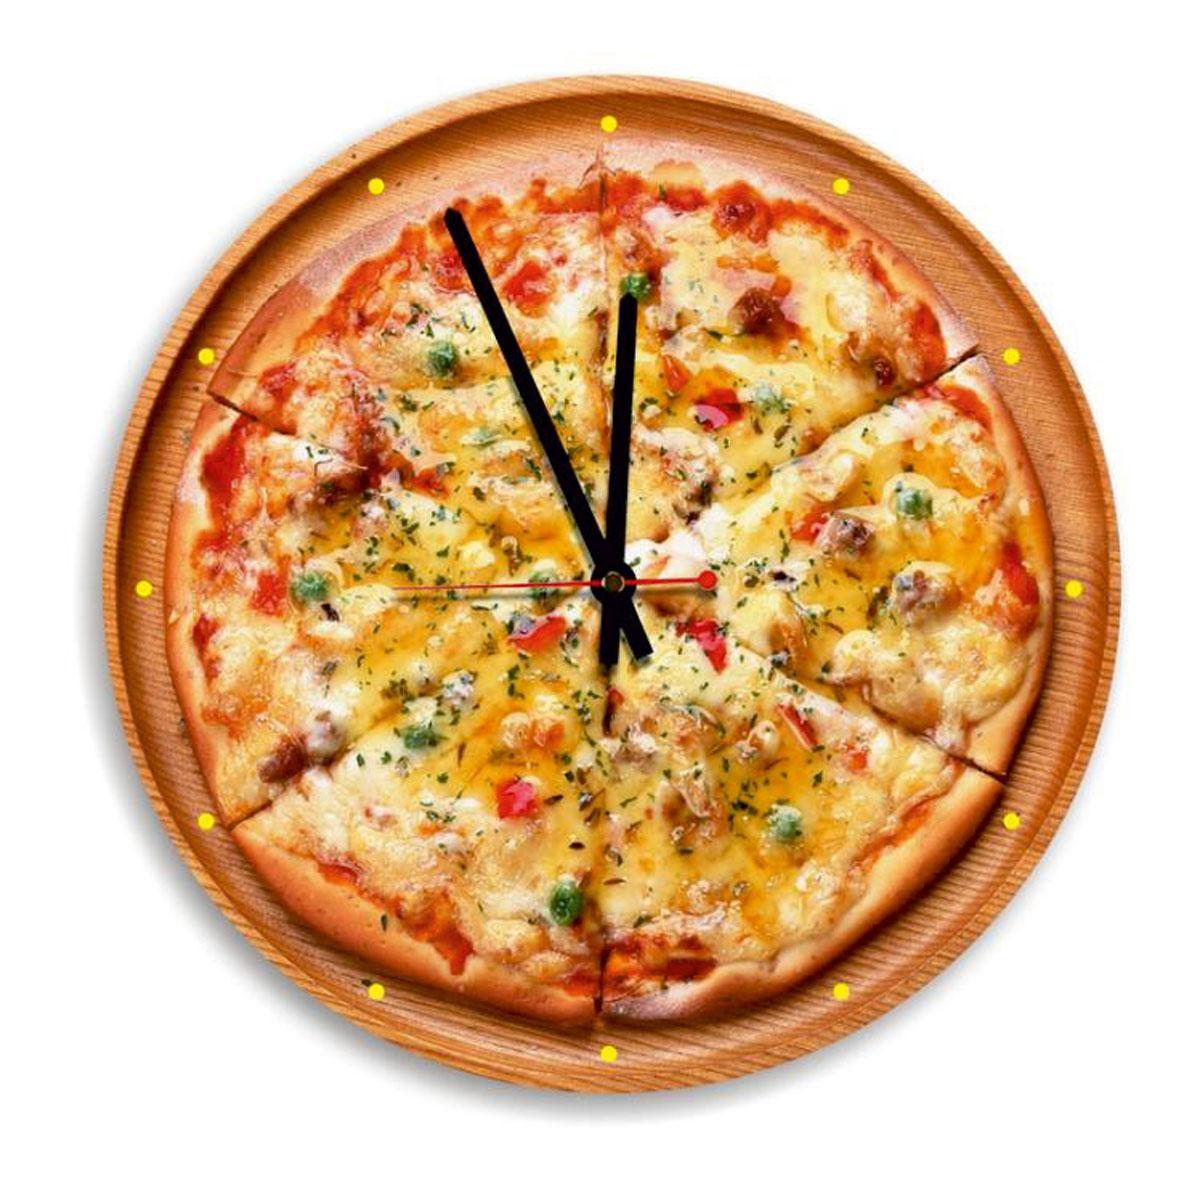 Часы настенные Miolla Пицца, цвет: оранжевый, коричневыйСК011 2049Оригинальные настенные часы круглой формы выполнены из закаленного стекла. Часы имеют три стрелки - часовую, минутную и секундную и циферблат с цифрами. Необычное дизайнерское решение и качество исполнения придутся по вкусу каждому. Оформите свой дом таким интерьерным аксессуаром или преподнесите его в качестве презента друзьям, и они оценят ваш оригинальный вкус и неординарность подарка. Диаметр: 28 см.